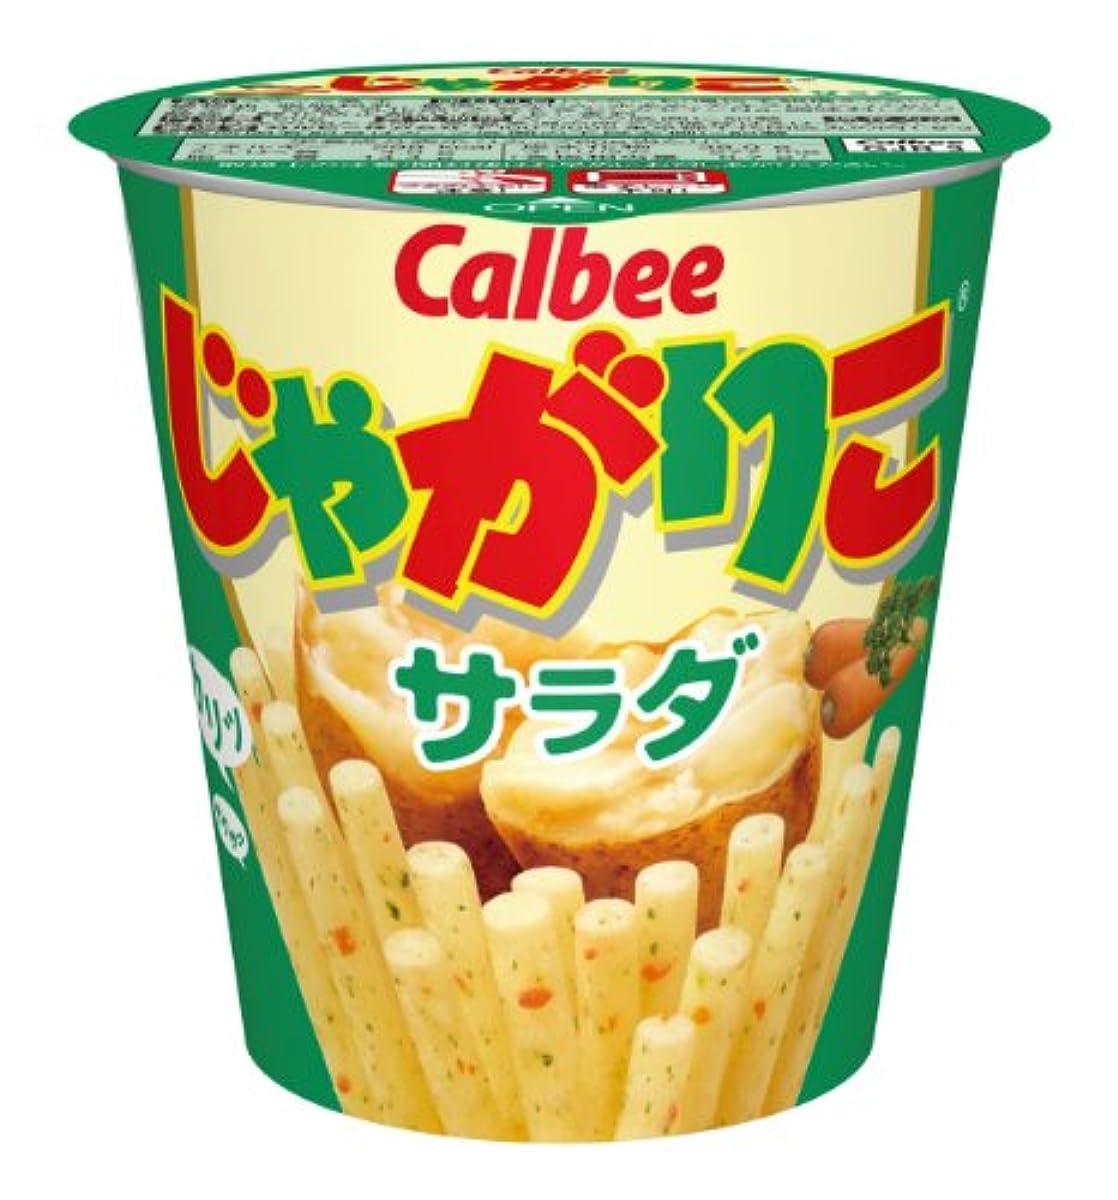 카루비 자카리코/쟈가비 사라다맛 12개 세트